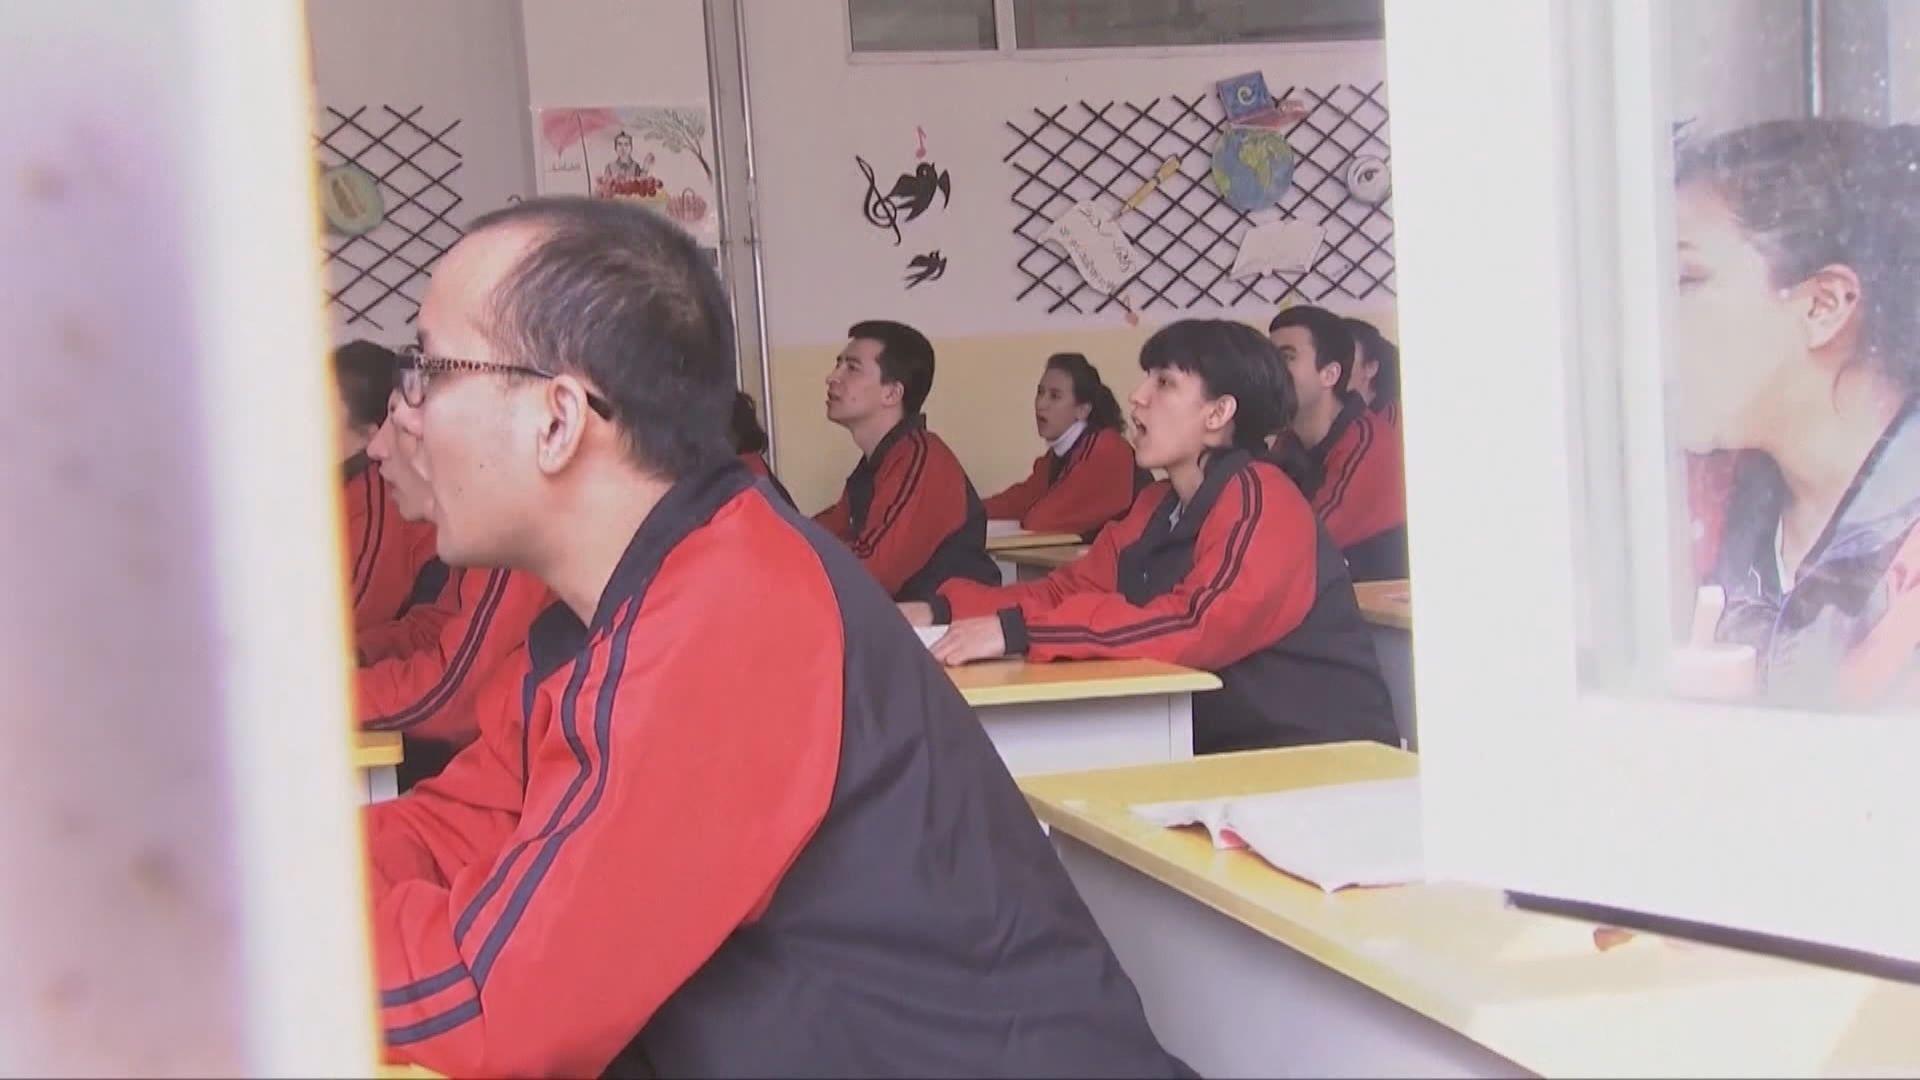 扎克爾:教育培訓中心達去極端化目的